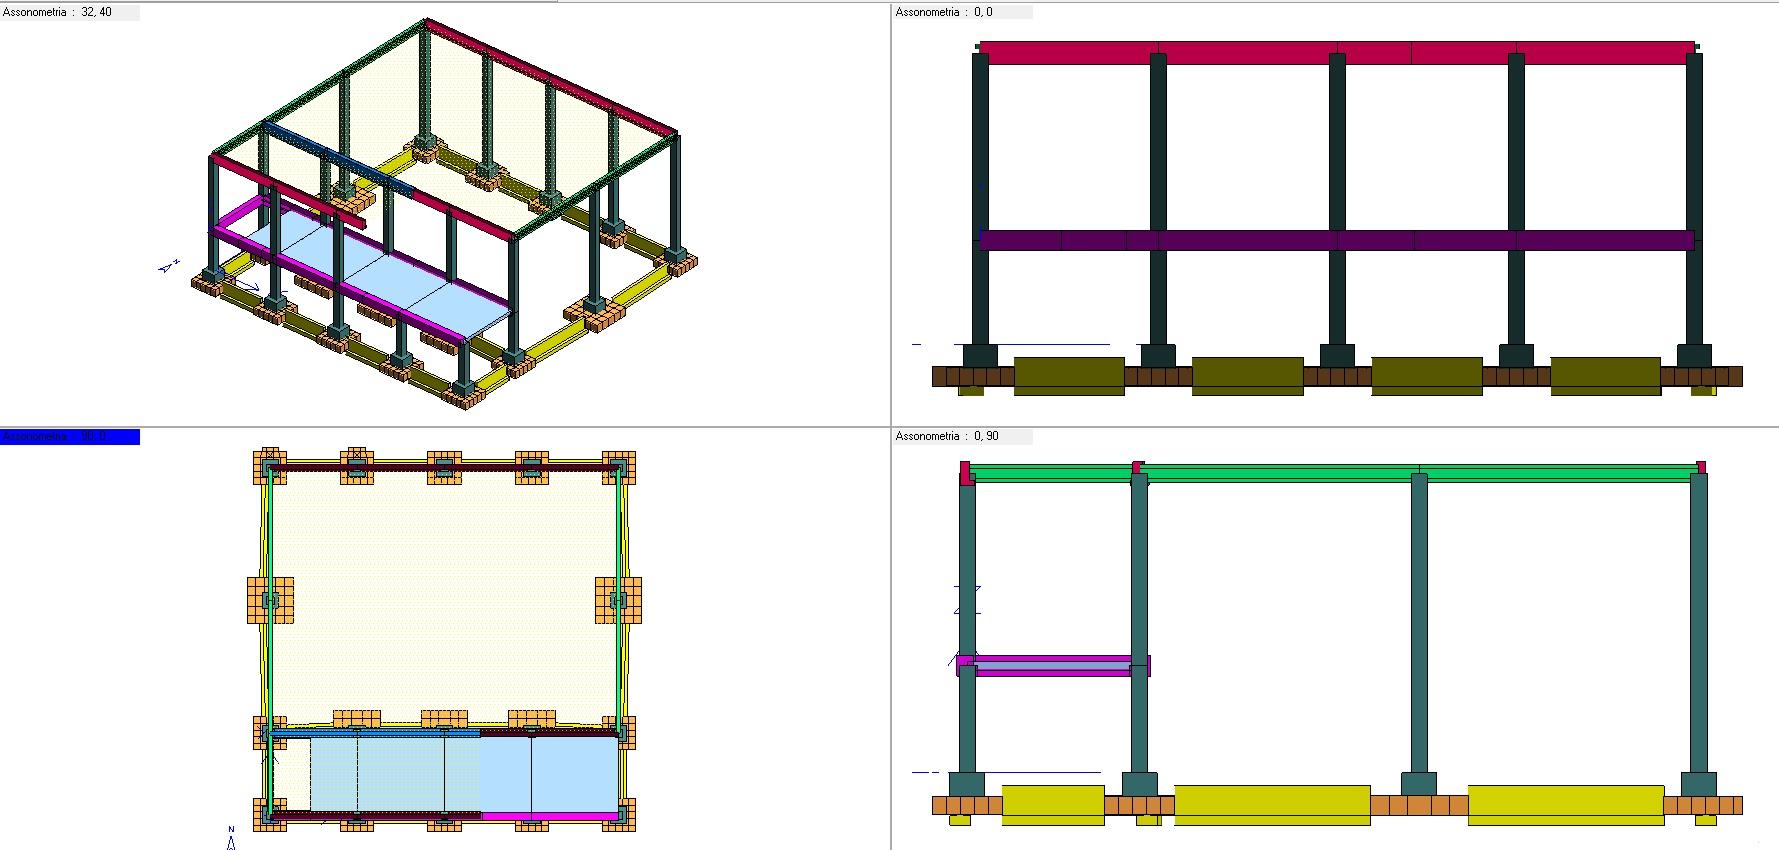 Gruppo Ingegneria Torino - Lavori di adeguamento degli spazi manutentivi del termovalorizzatore di Torino